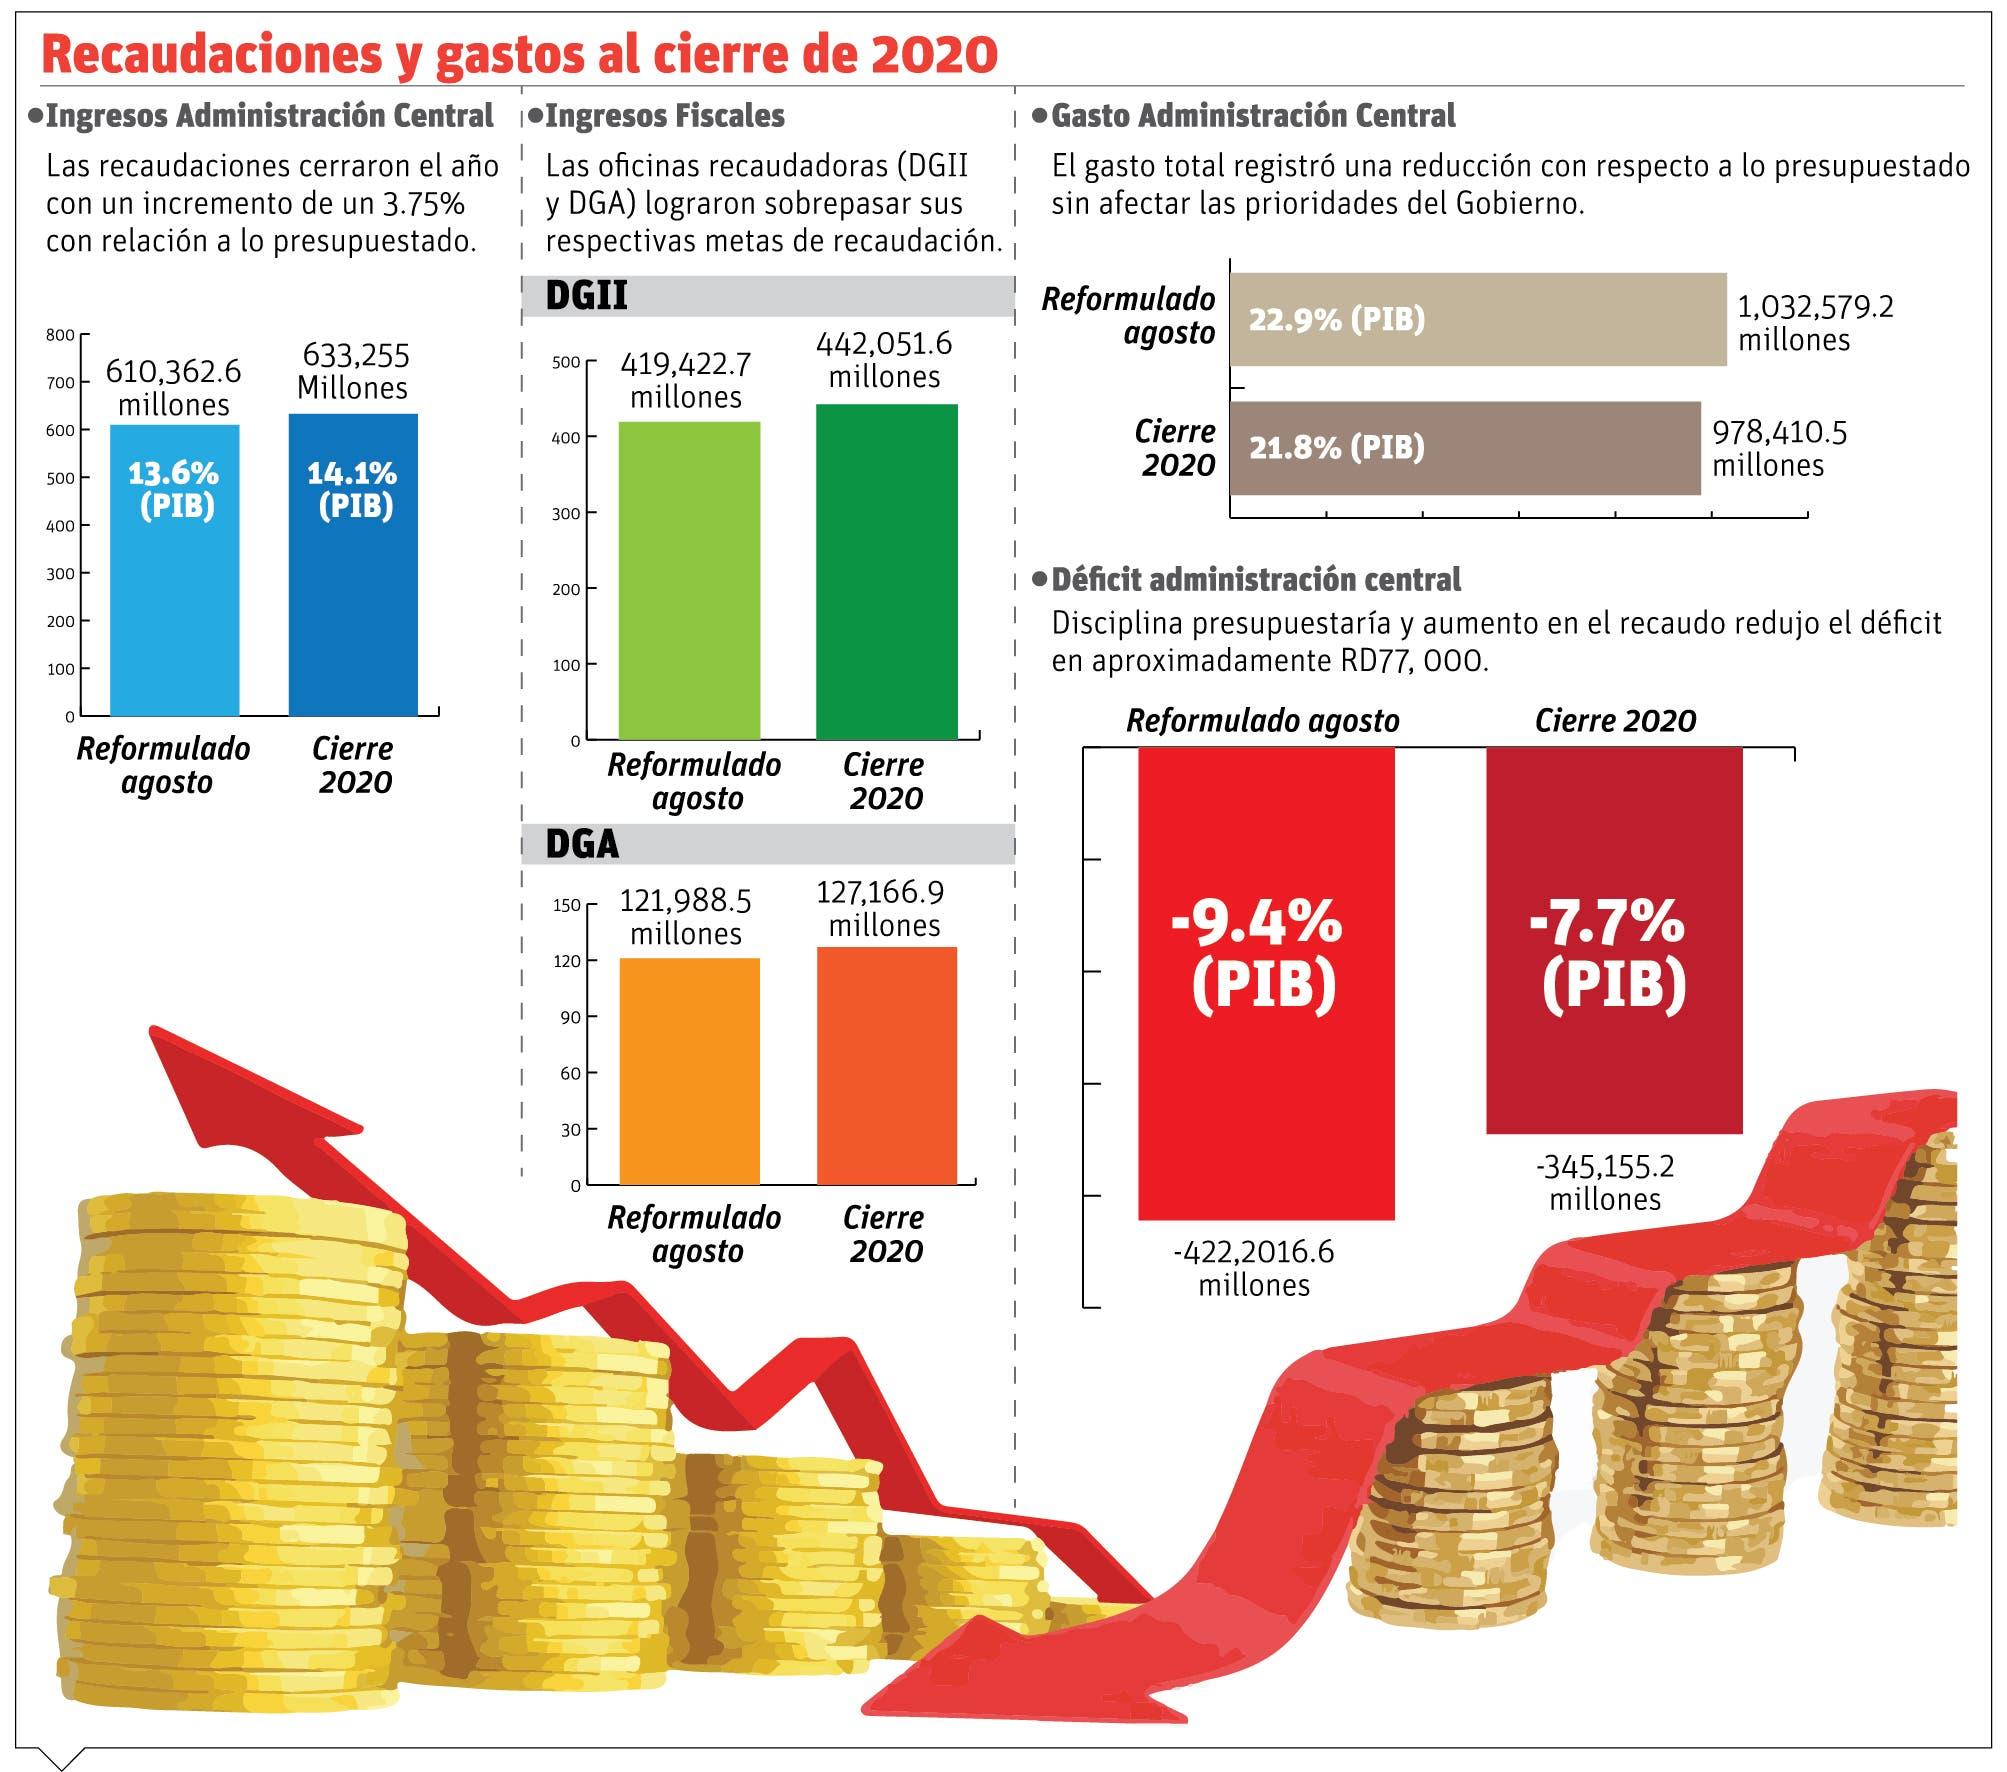 Abinader asegura Gobierno redujo el déficit fiscal en 77 mil millones